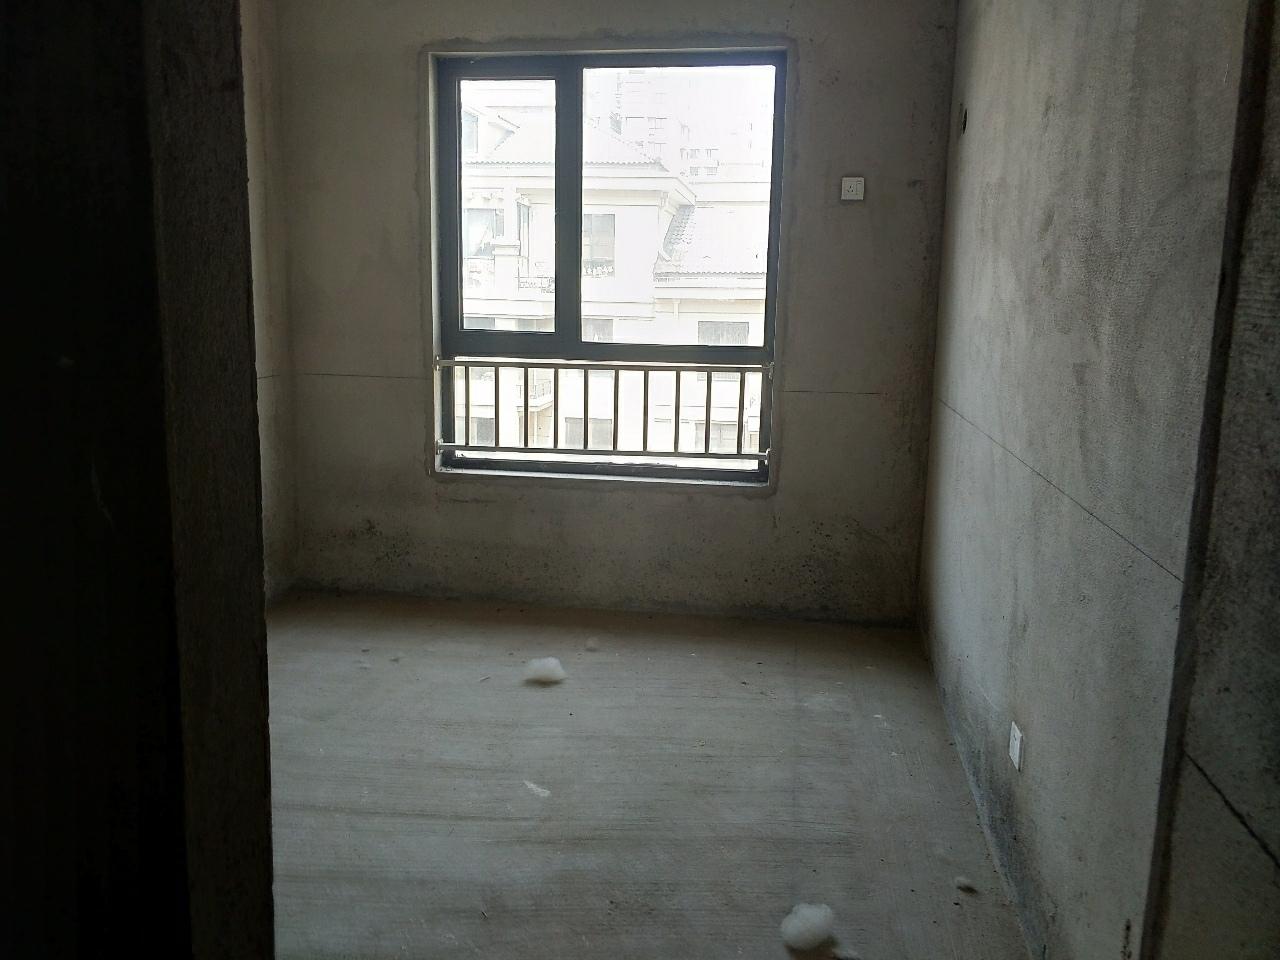 樂盛電梯四樓3室2廳2衛54萬元